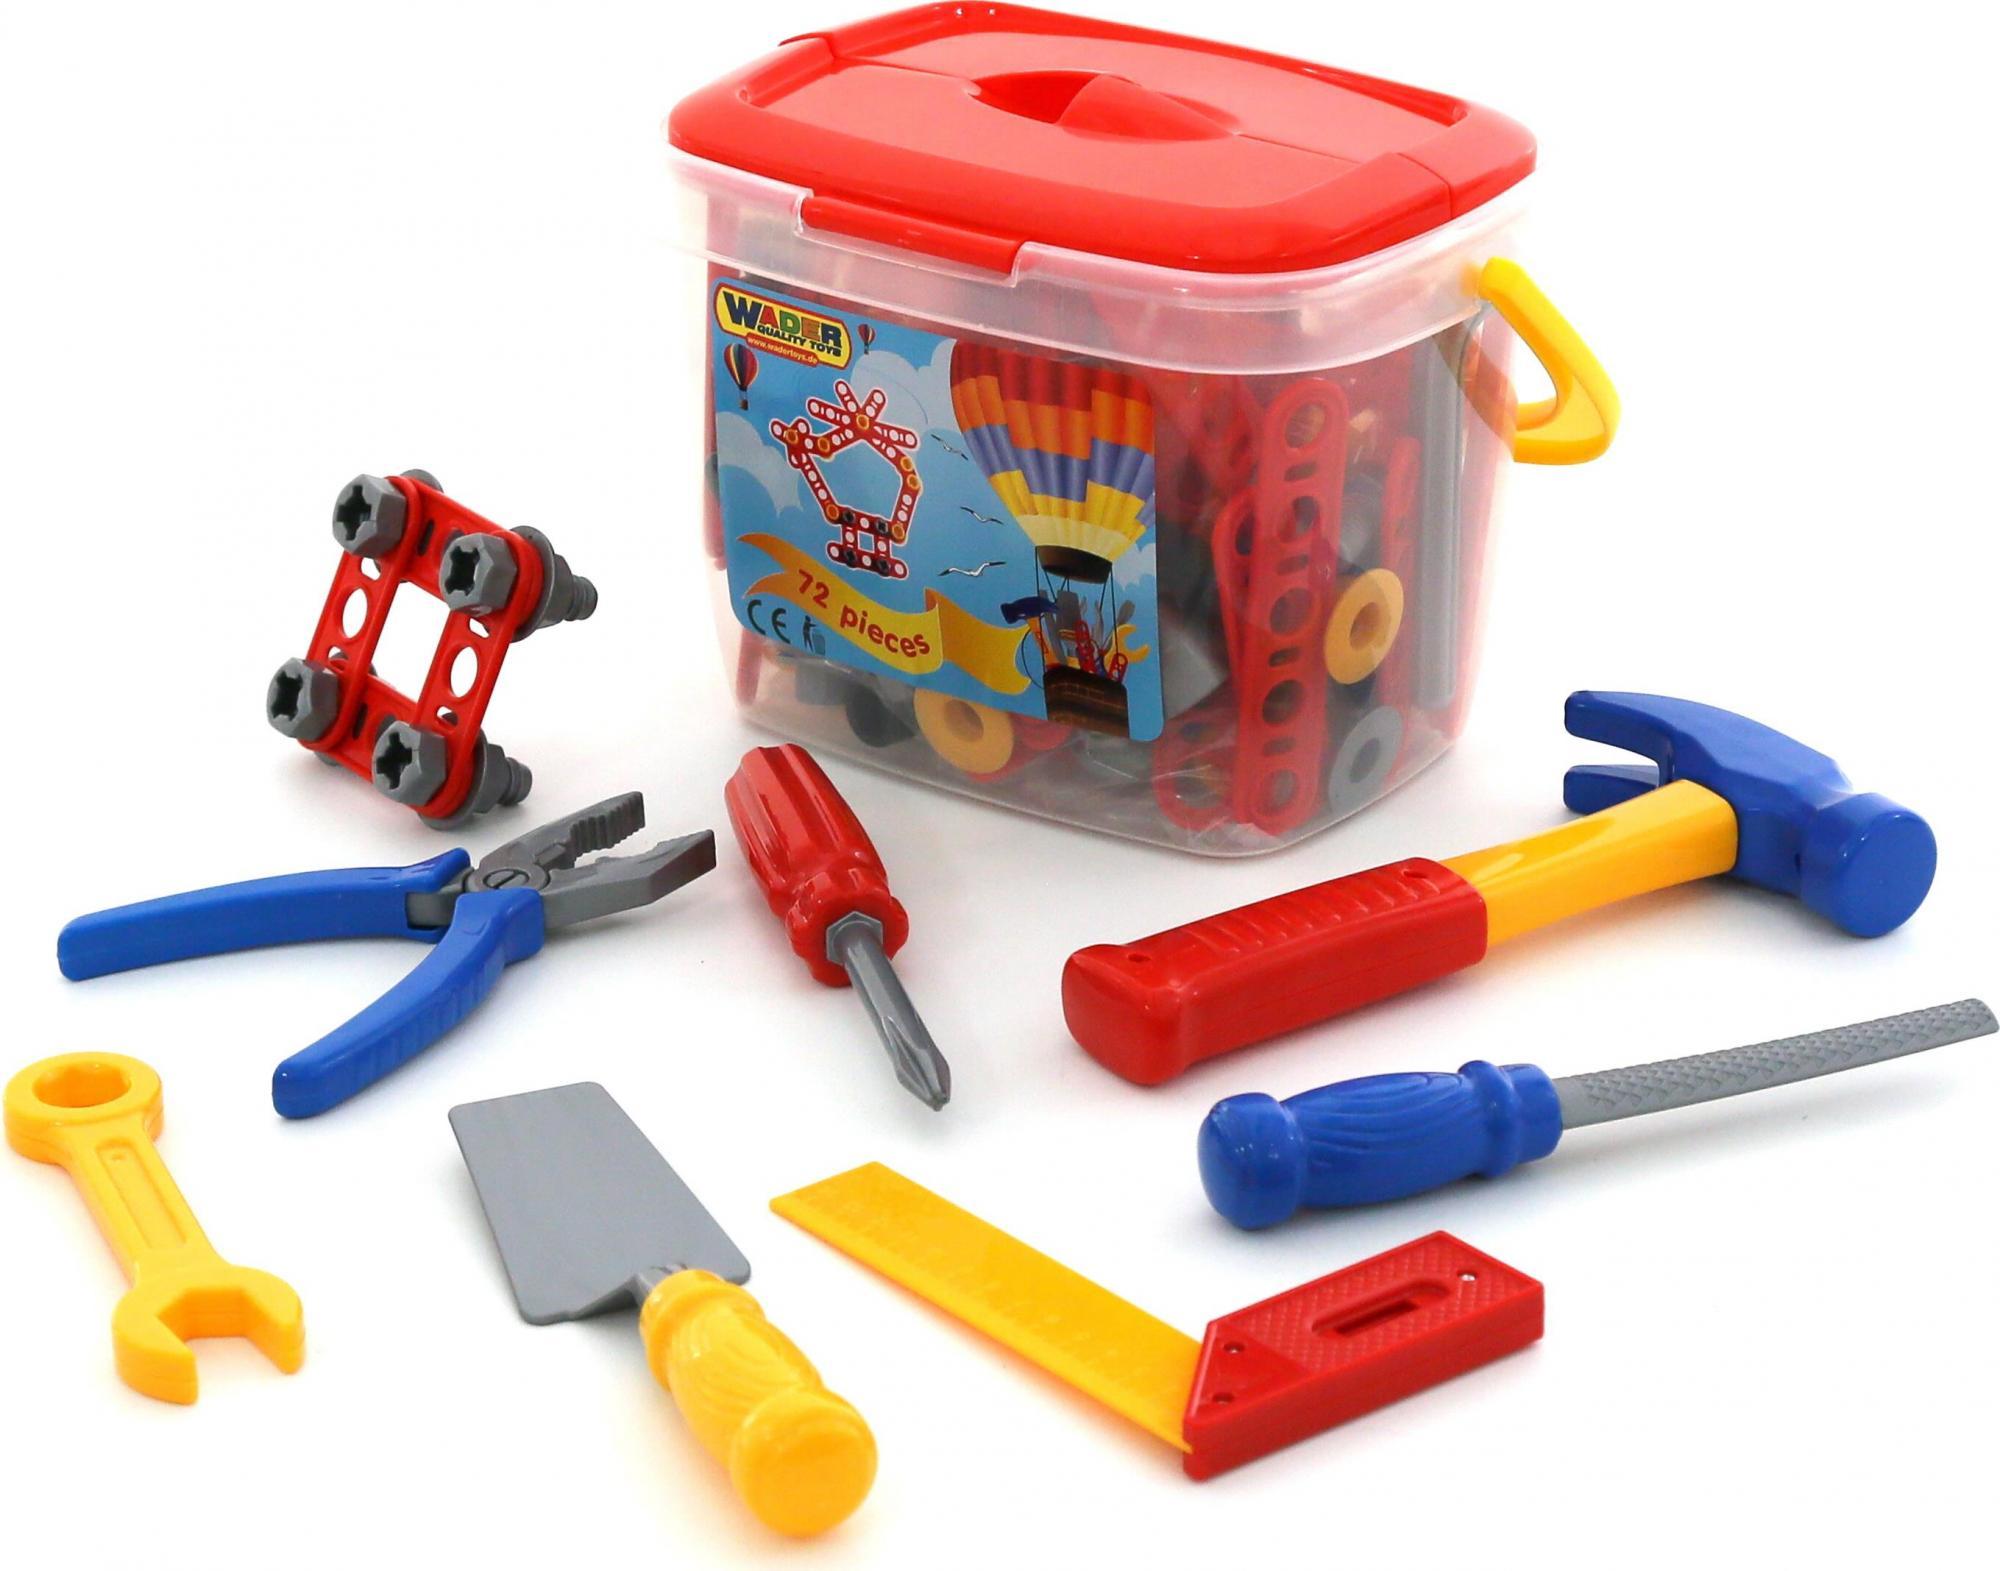 Набор инструментов №1, 72 элемента в ведёркеДетские мастерские, инструменты<br>Набор инструментов №1, 72 элемента в ведёрке<br>